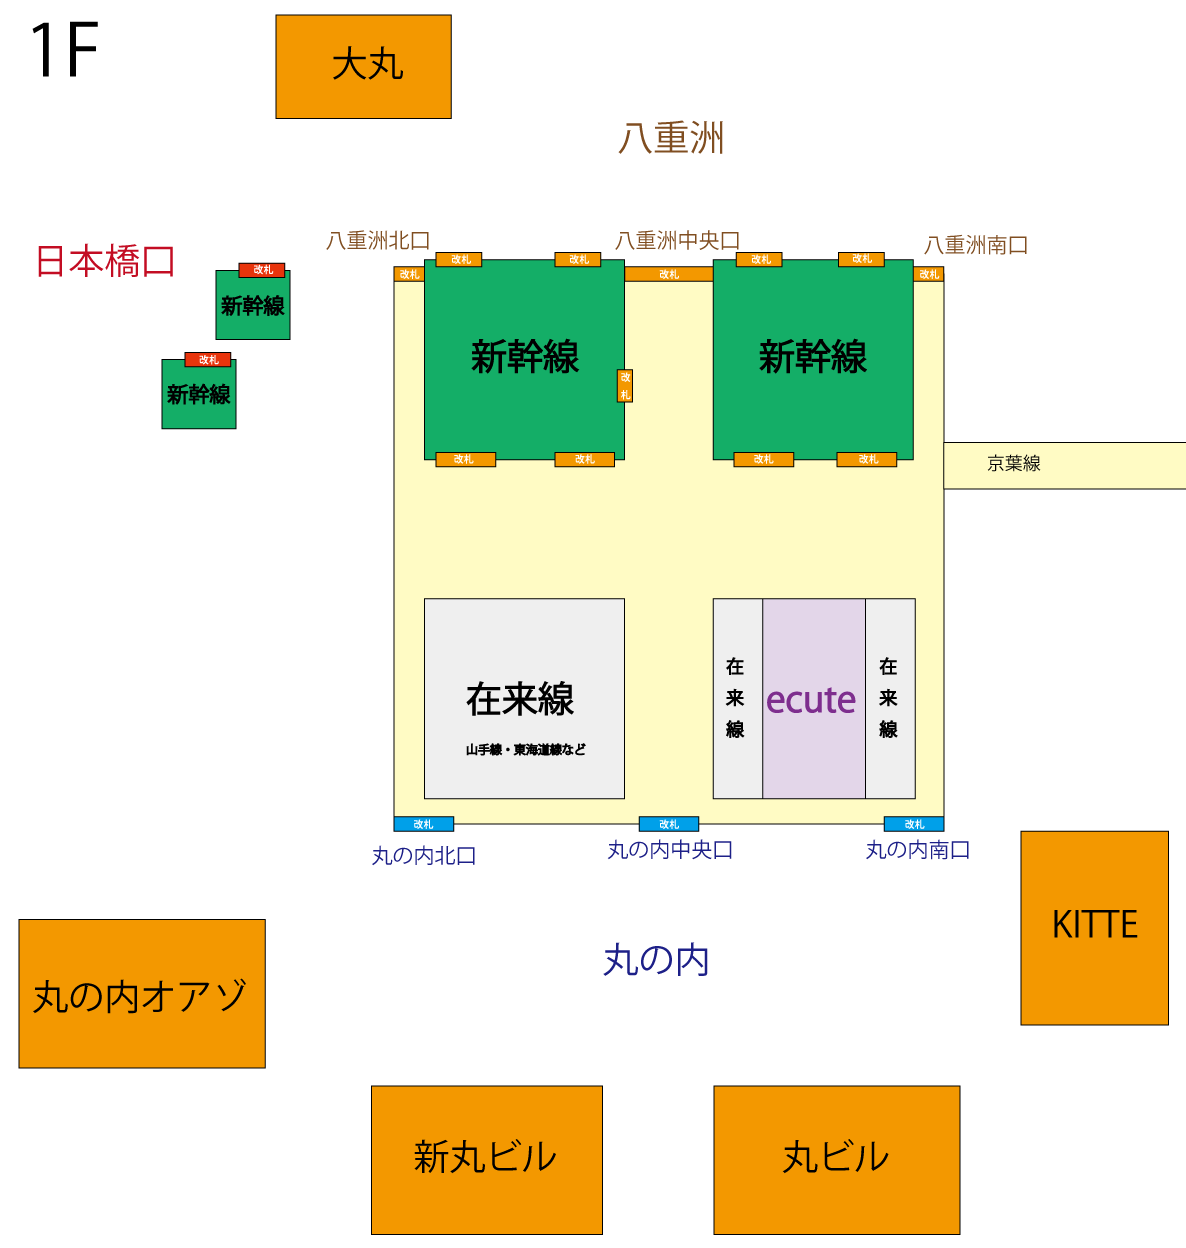 東京駅 1F 新幹線乗り場 簡略図